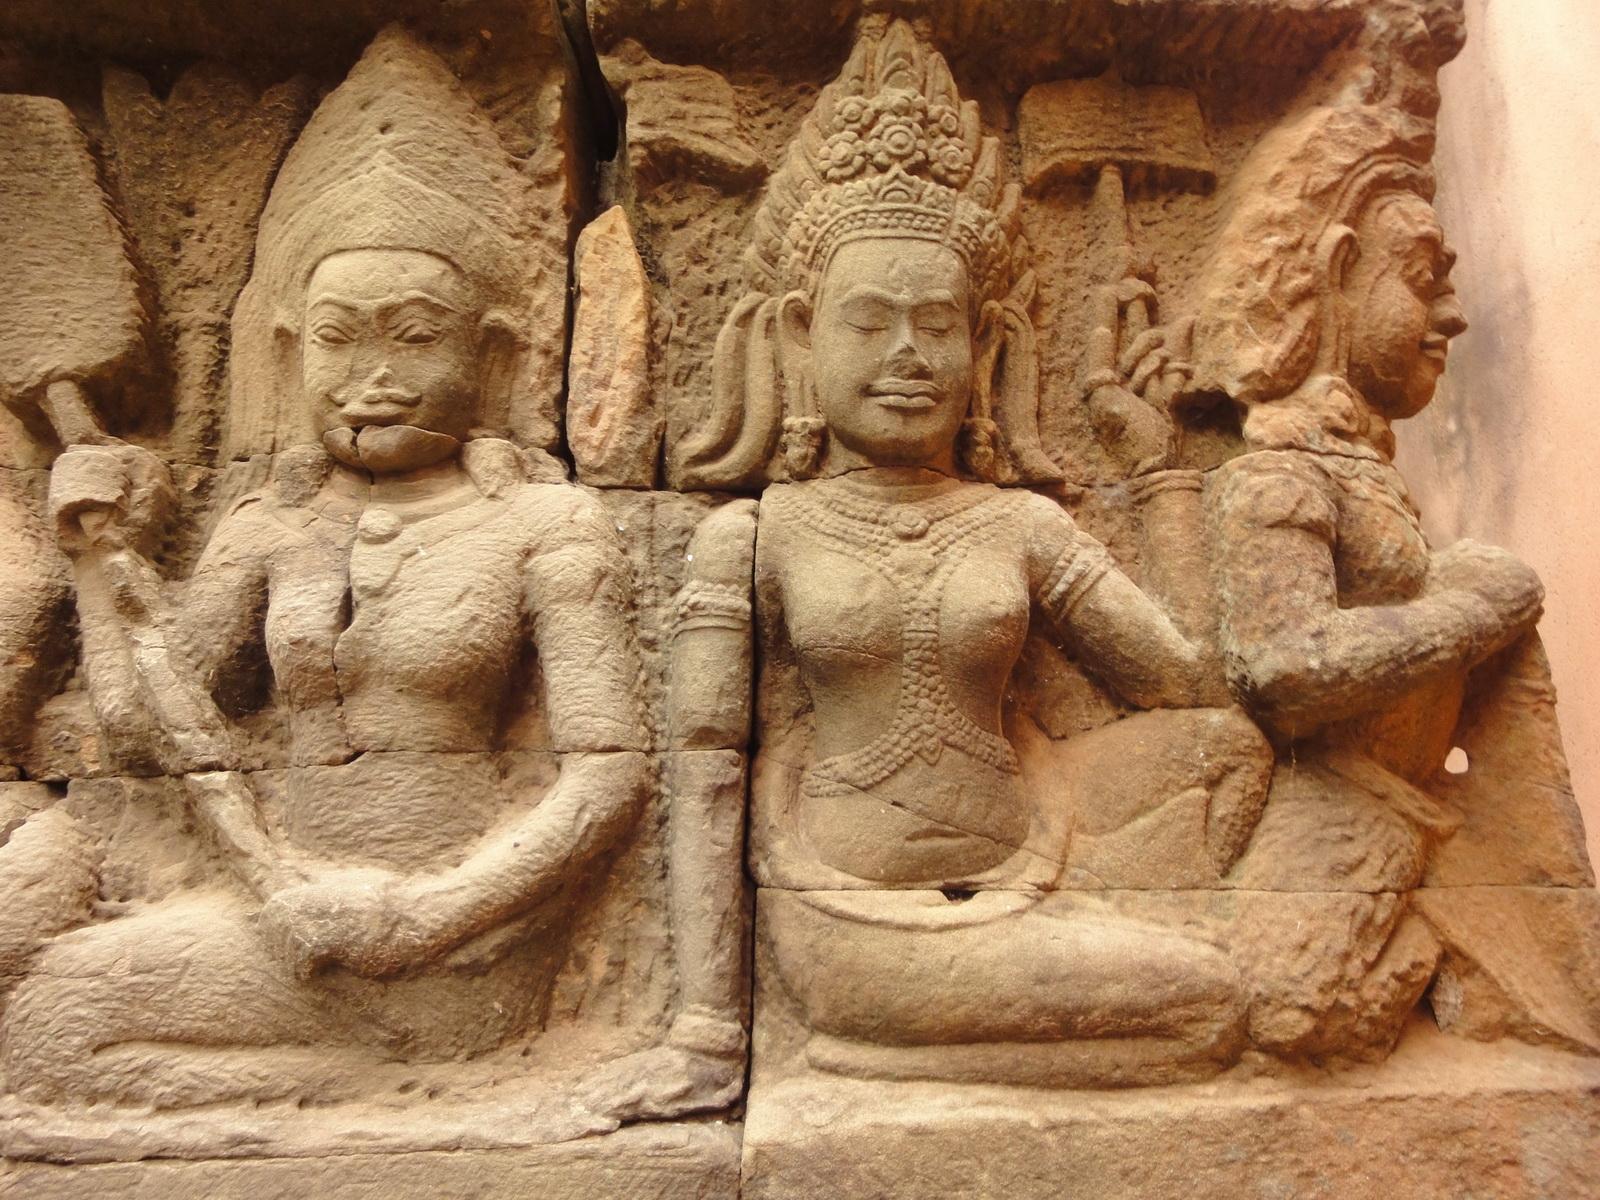 Leper King Terrace hidden wall underworld Nagas and deities 041